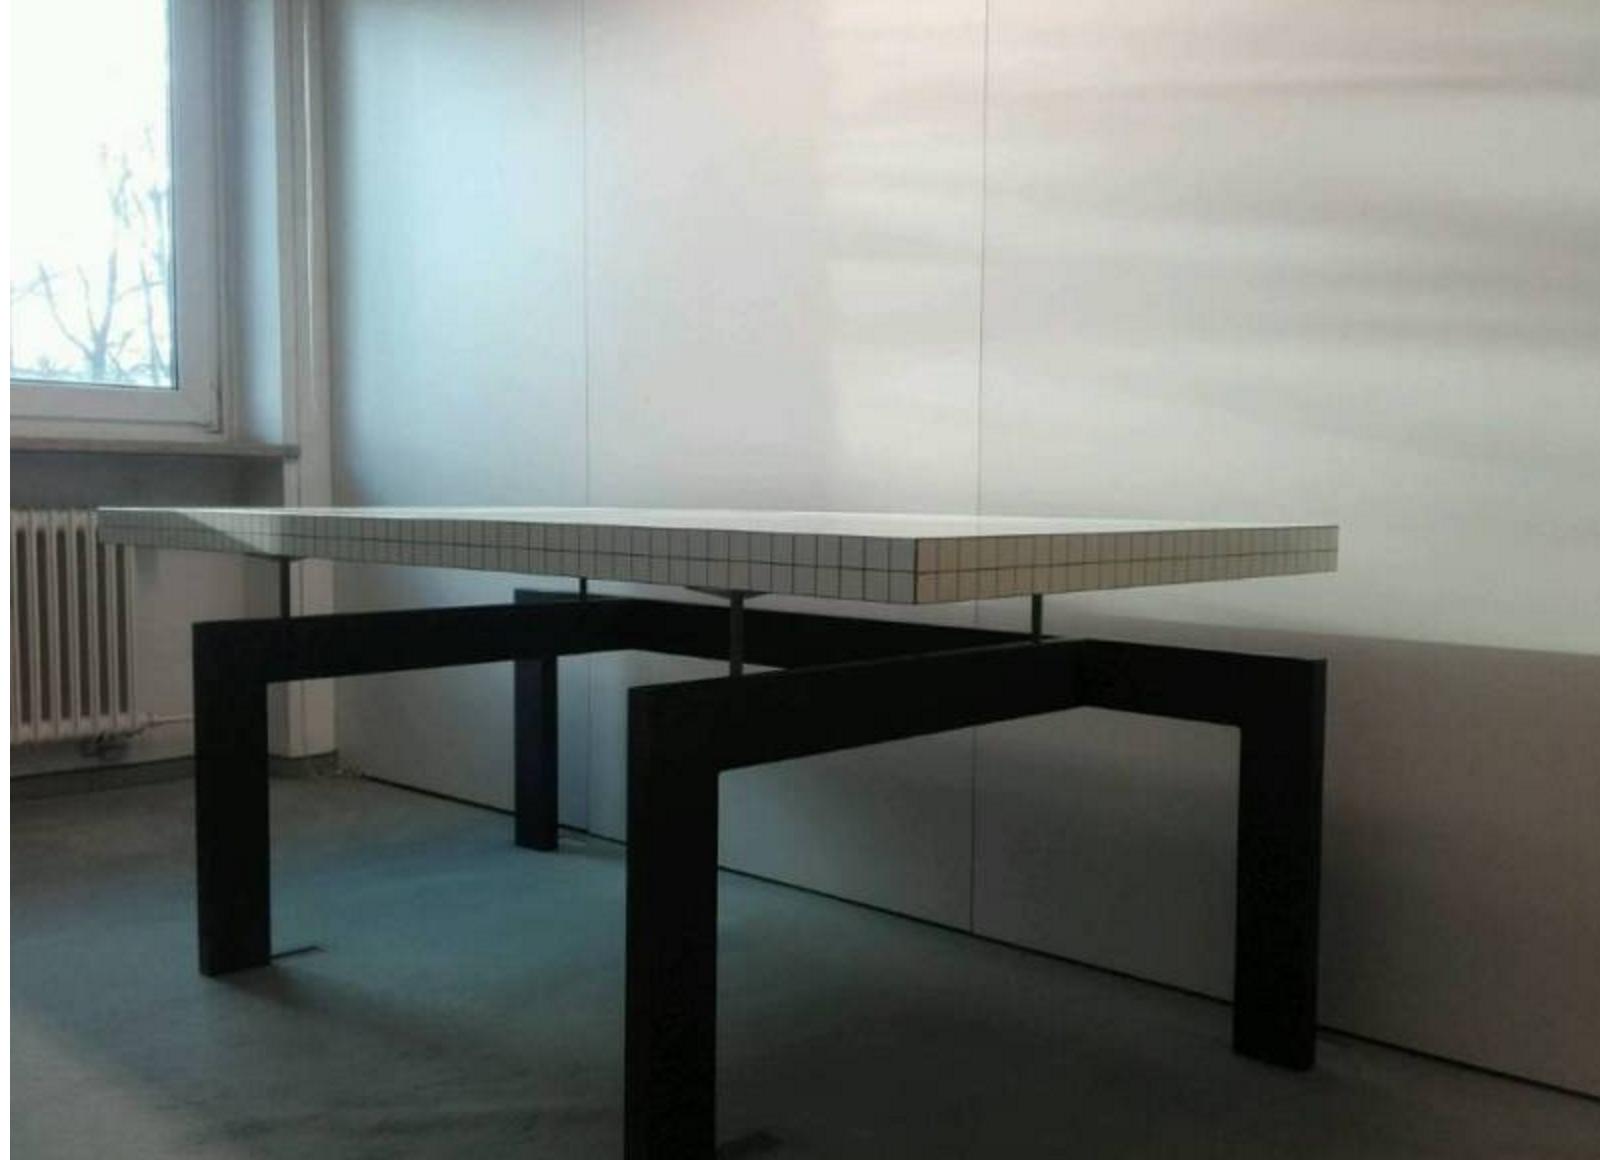 Wie hei t dieser tisch und von welche marke ist der tisch for Kreuch tisch und design